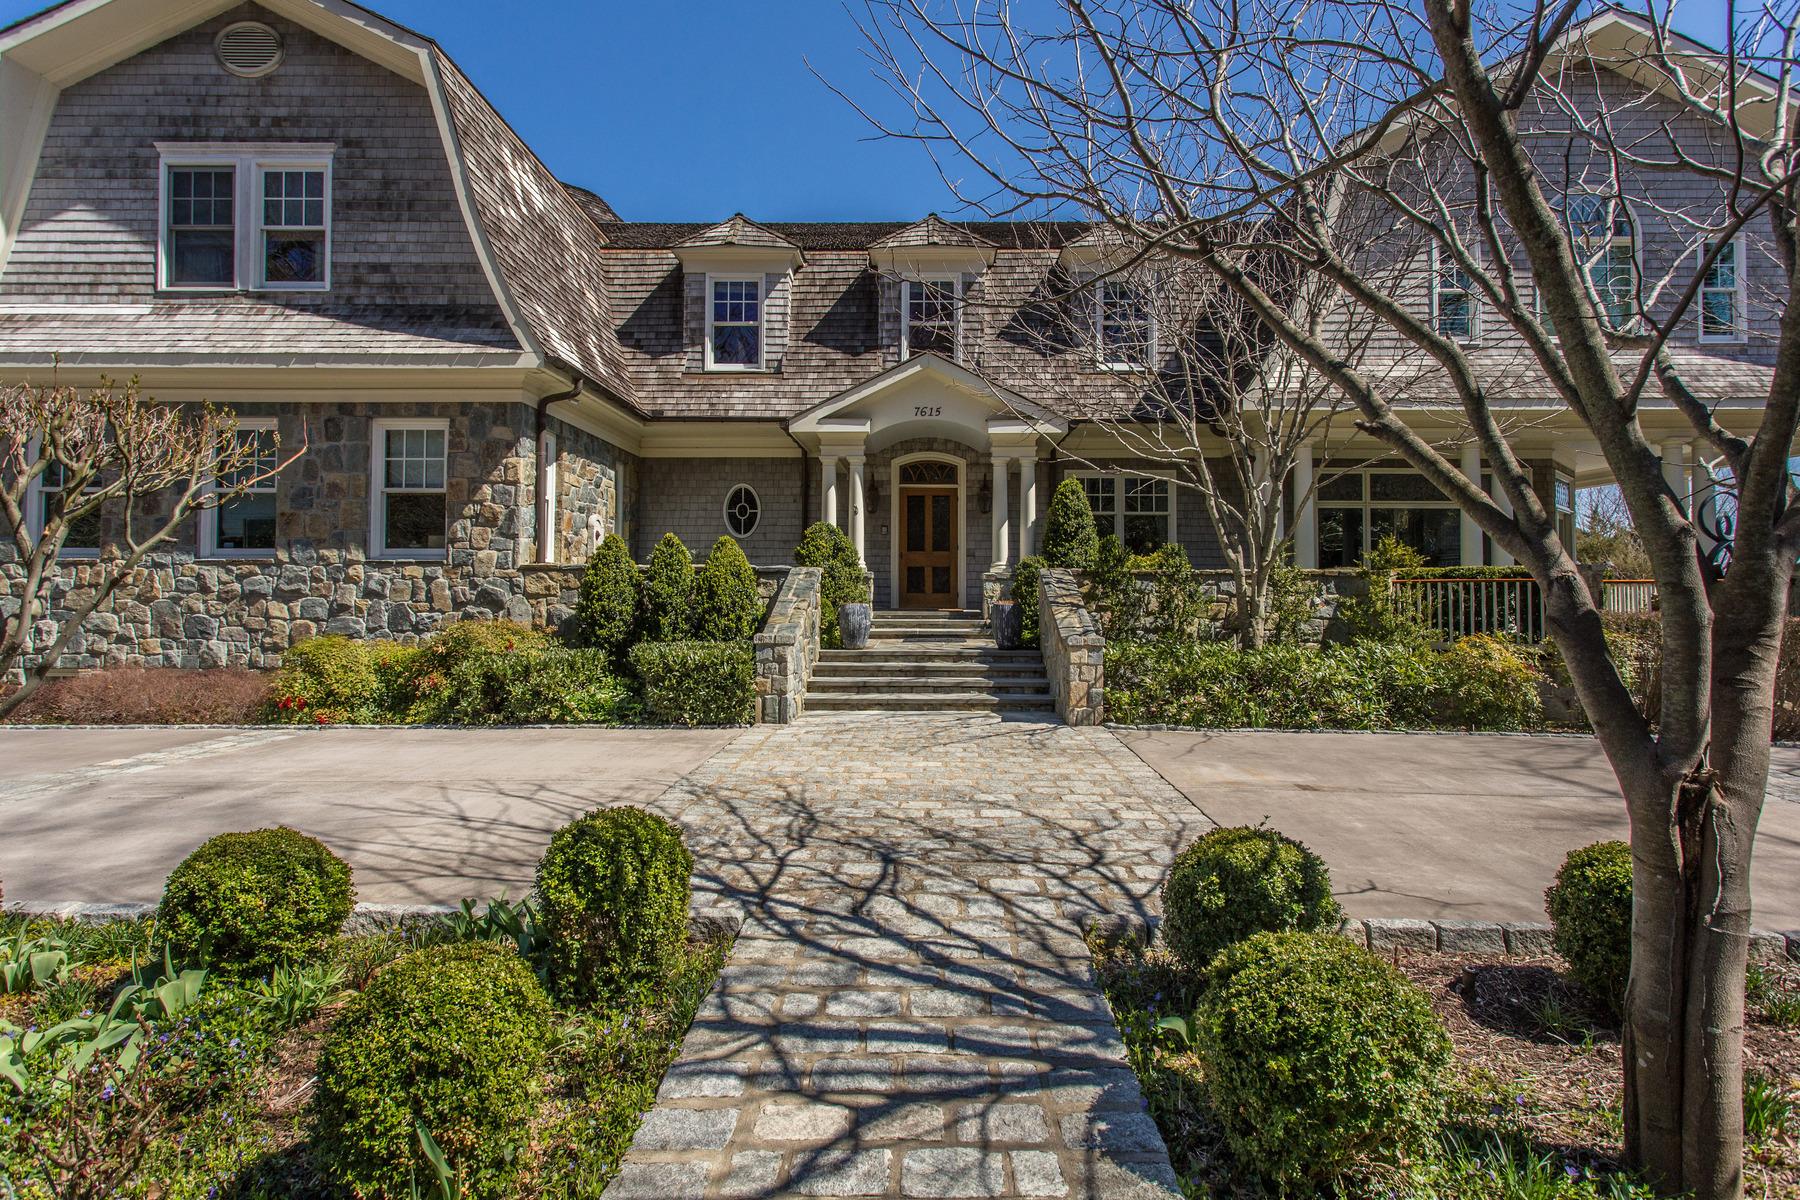 Maison unifamiliale pour l Vente à Arcturus on the Potomac 7615 Southdown Rd Alexandria, Virginia, 22308 États-Unis